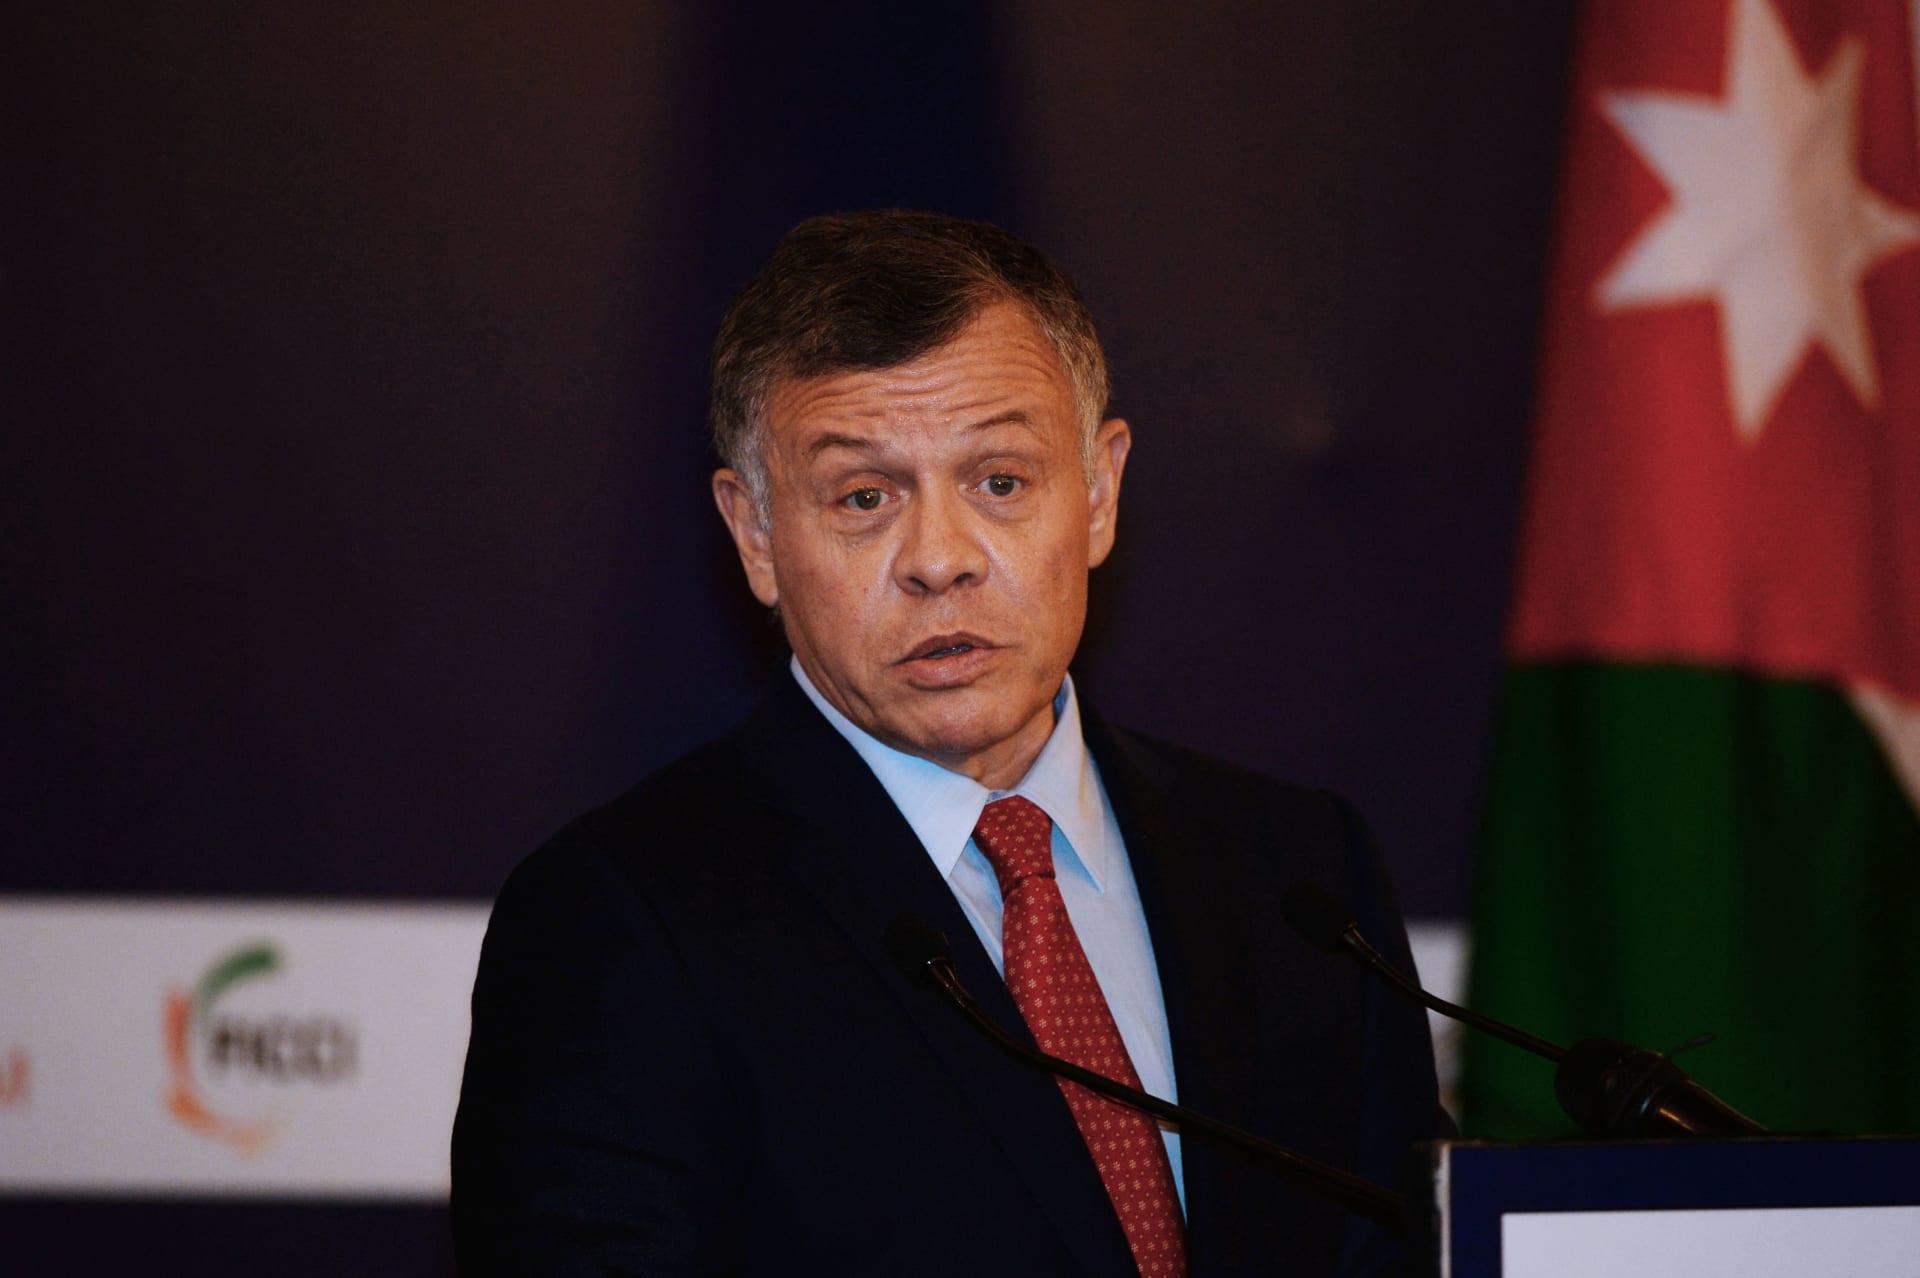 العاهل الأردني: ليس من العدل أن يتحمل المواطن وحده تداعيات الإصلاحات المالية